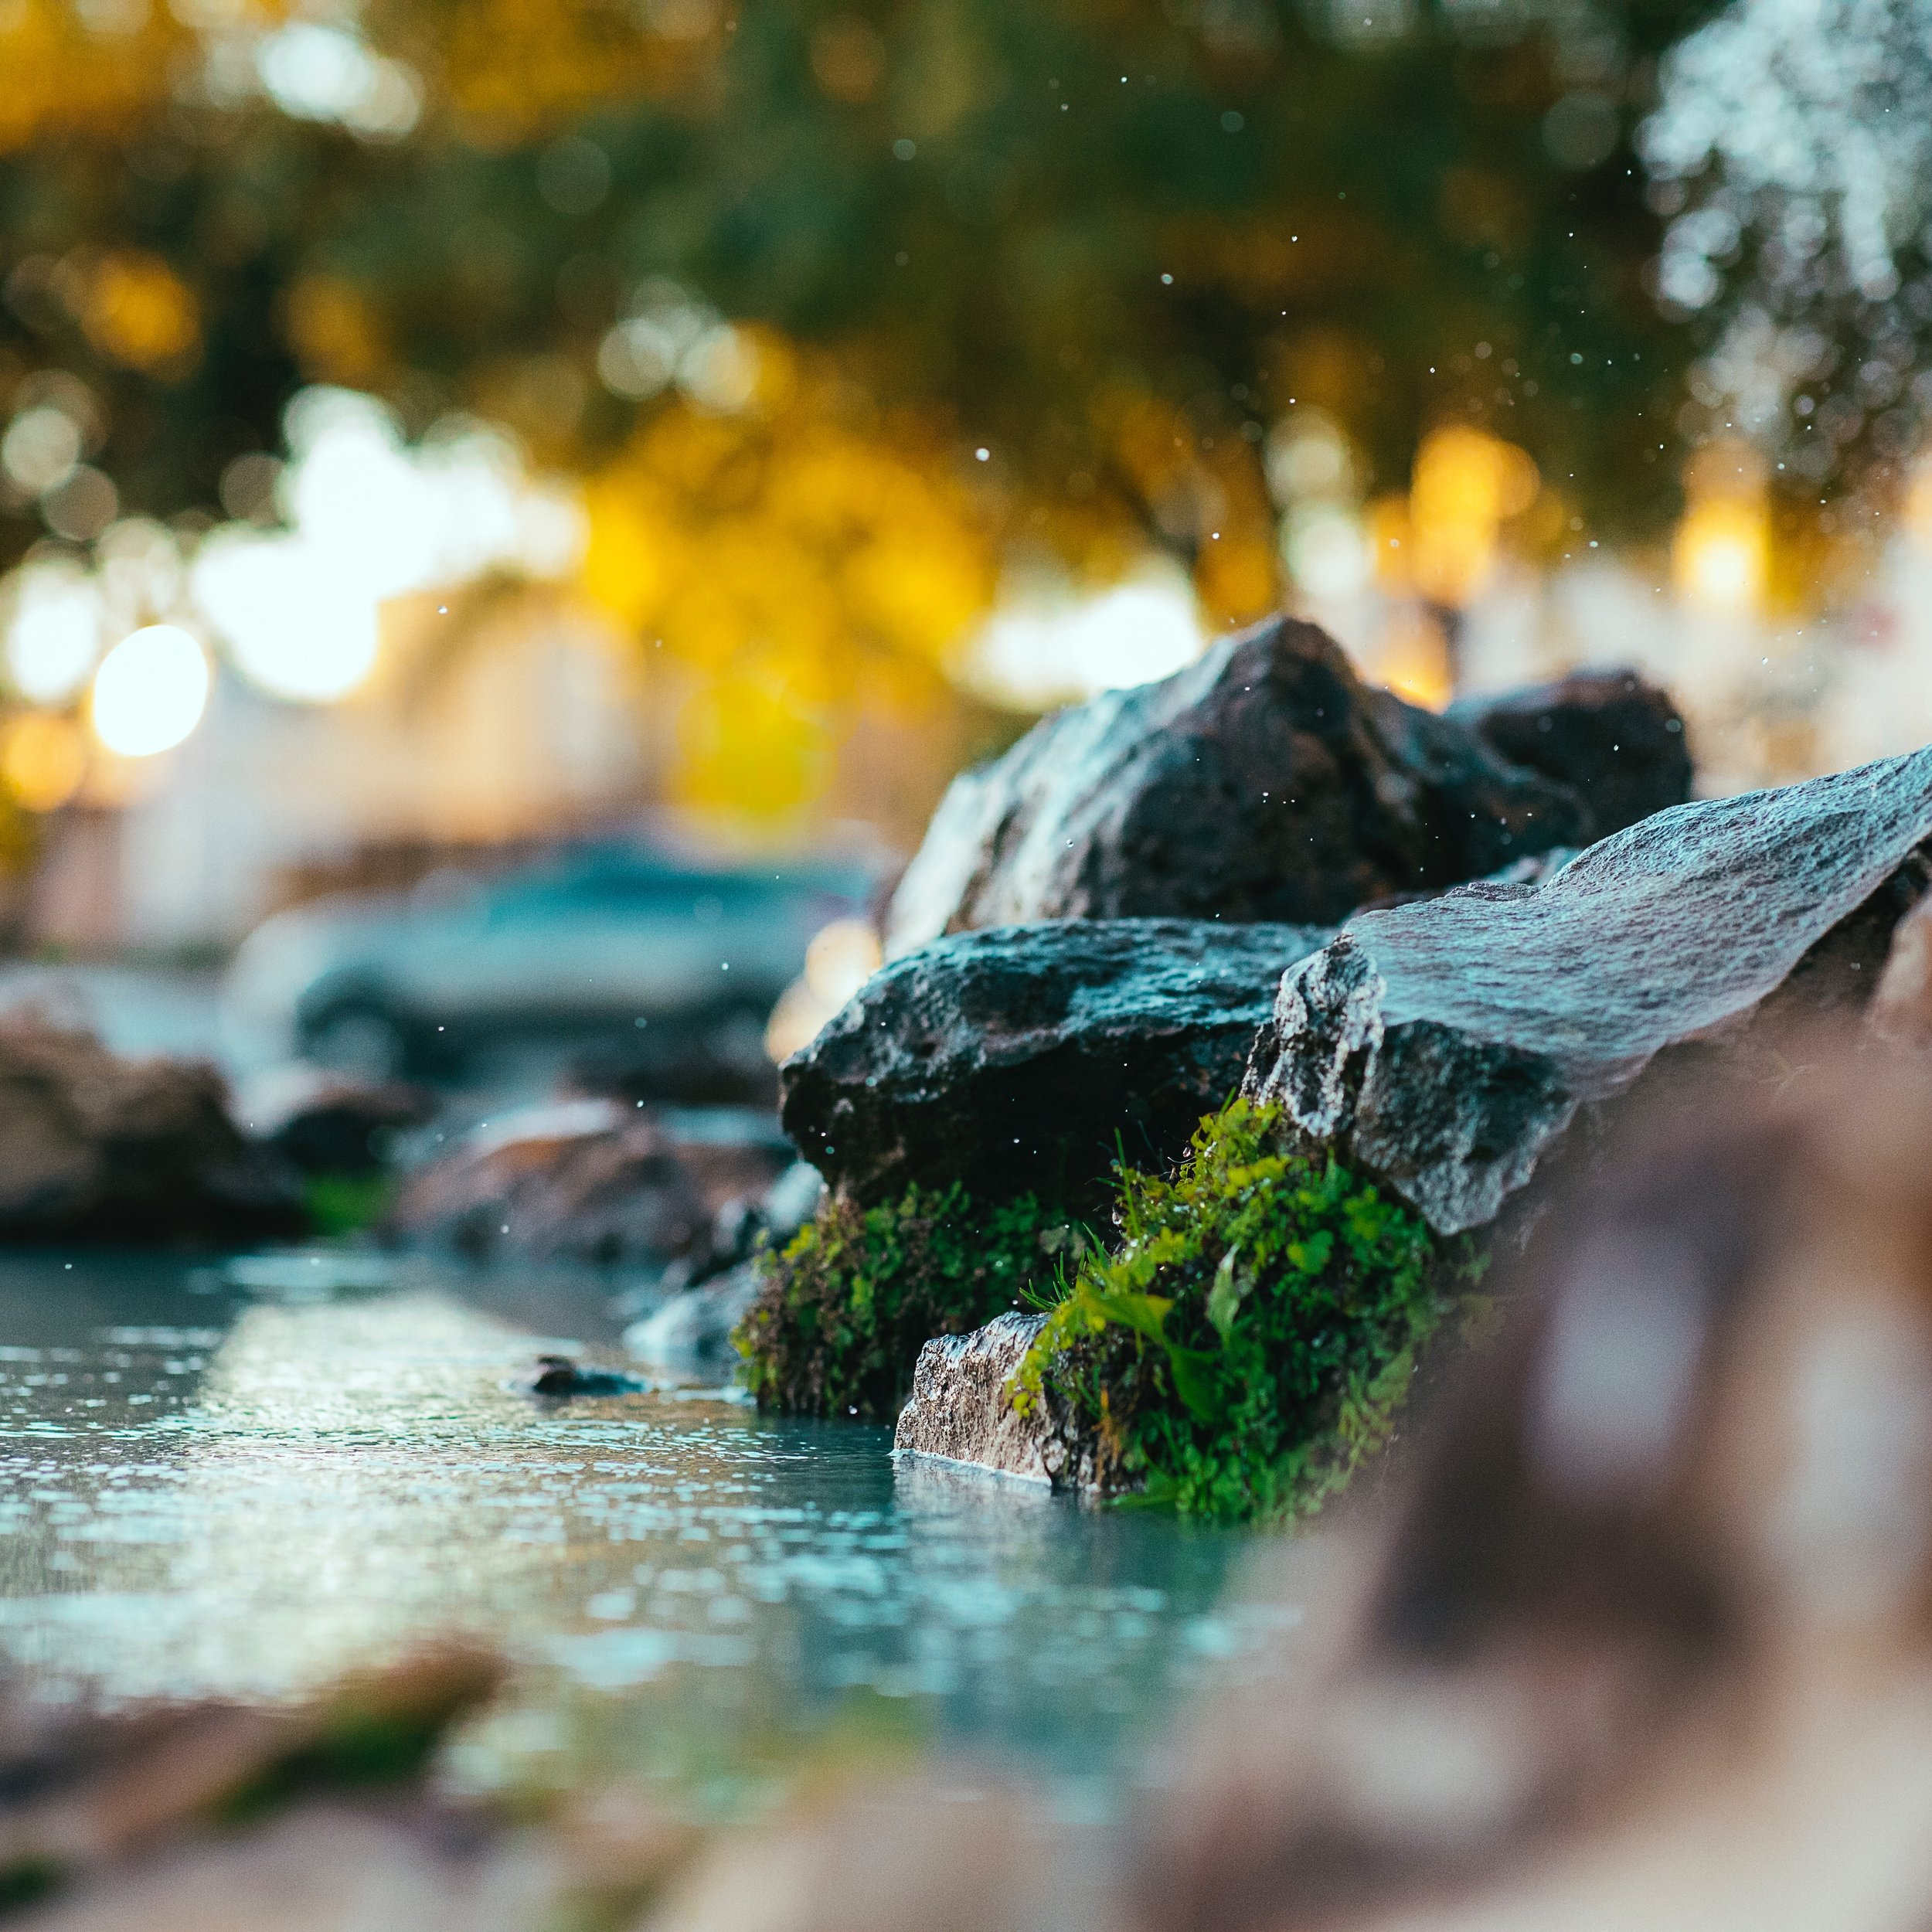 blur-bokeh-color-2233391.jpg